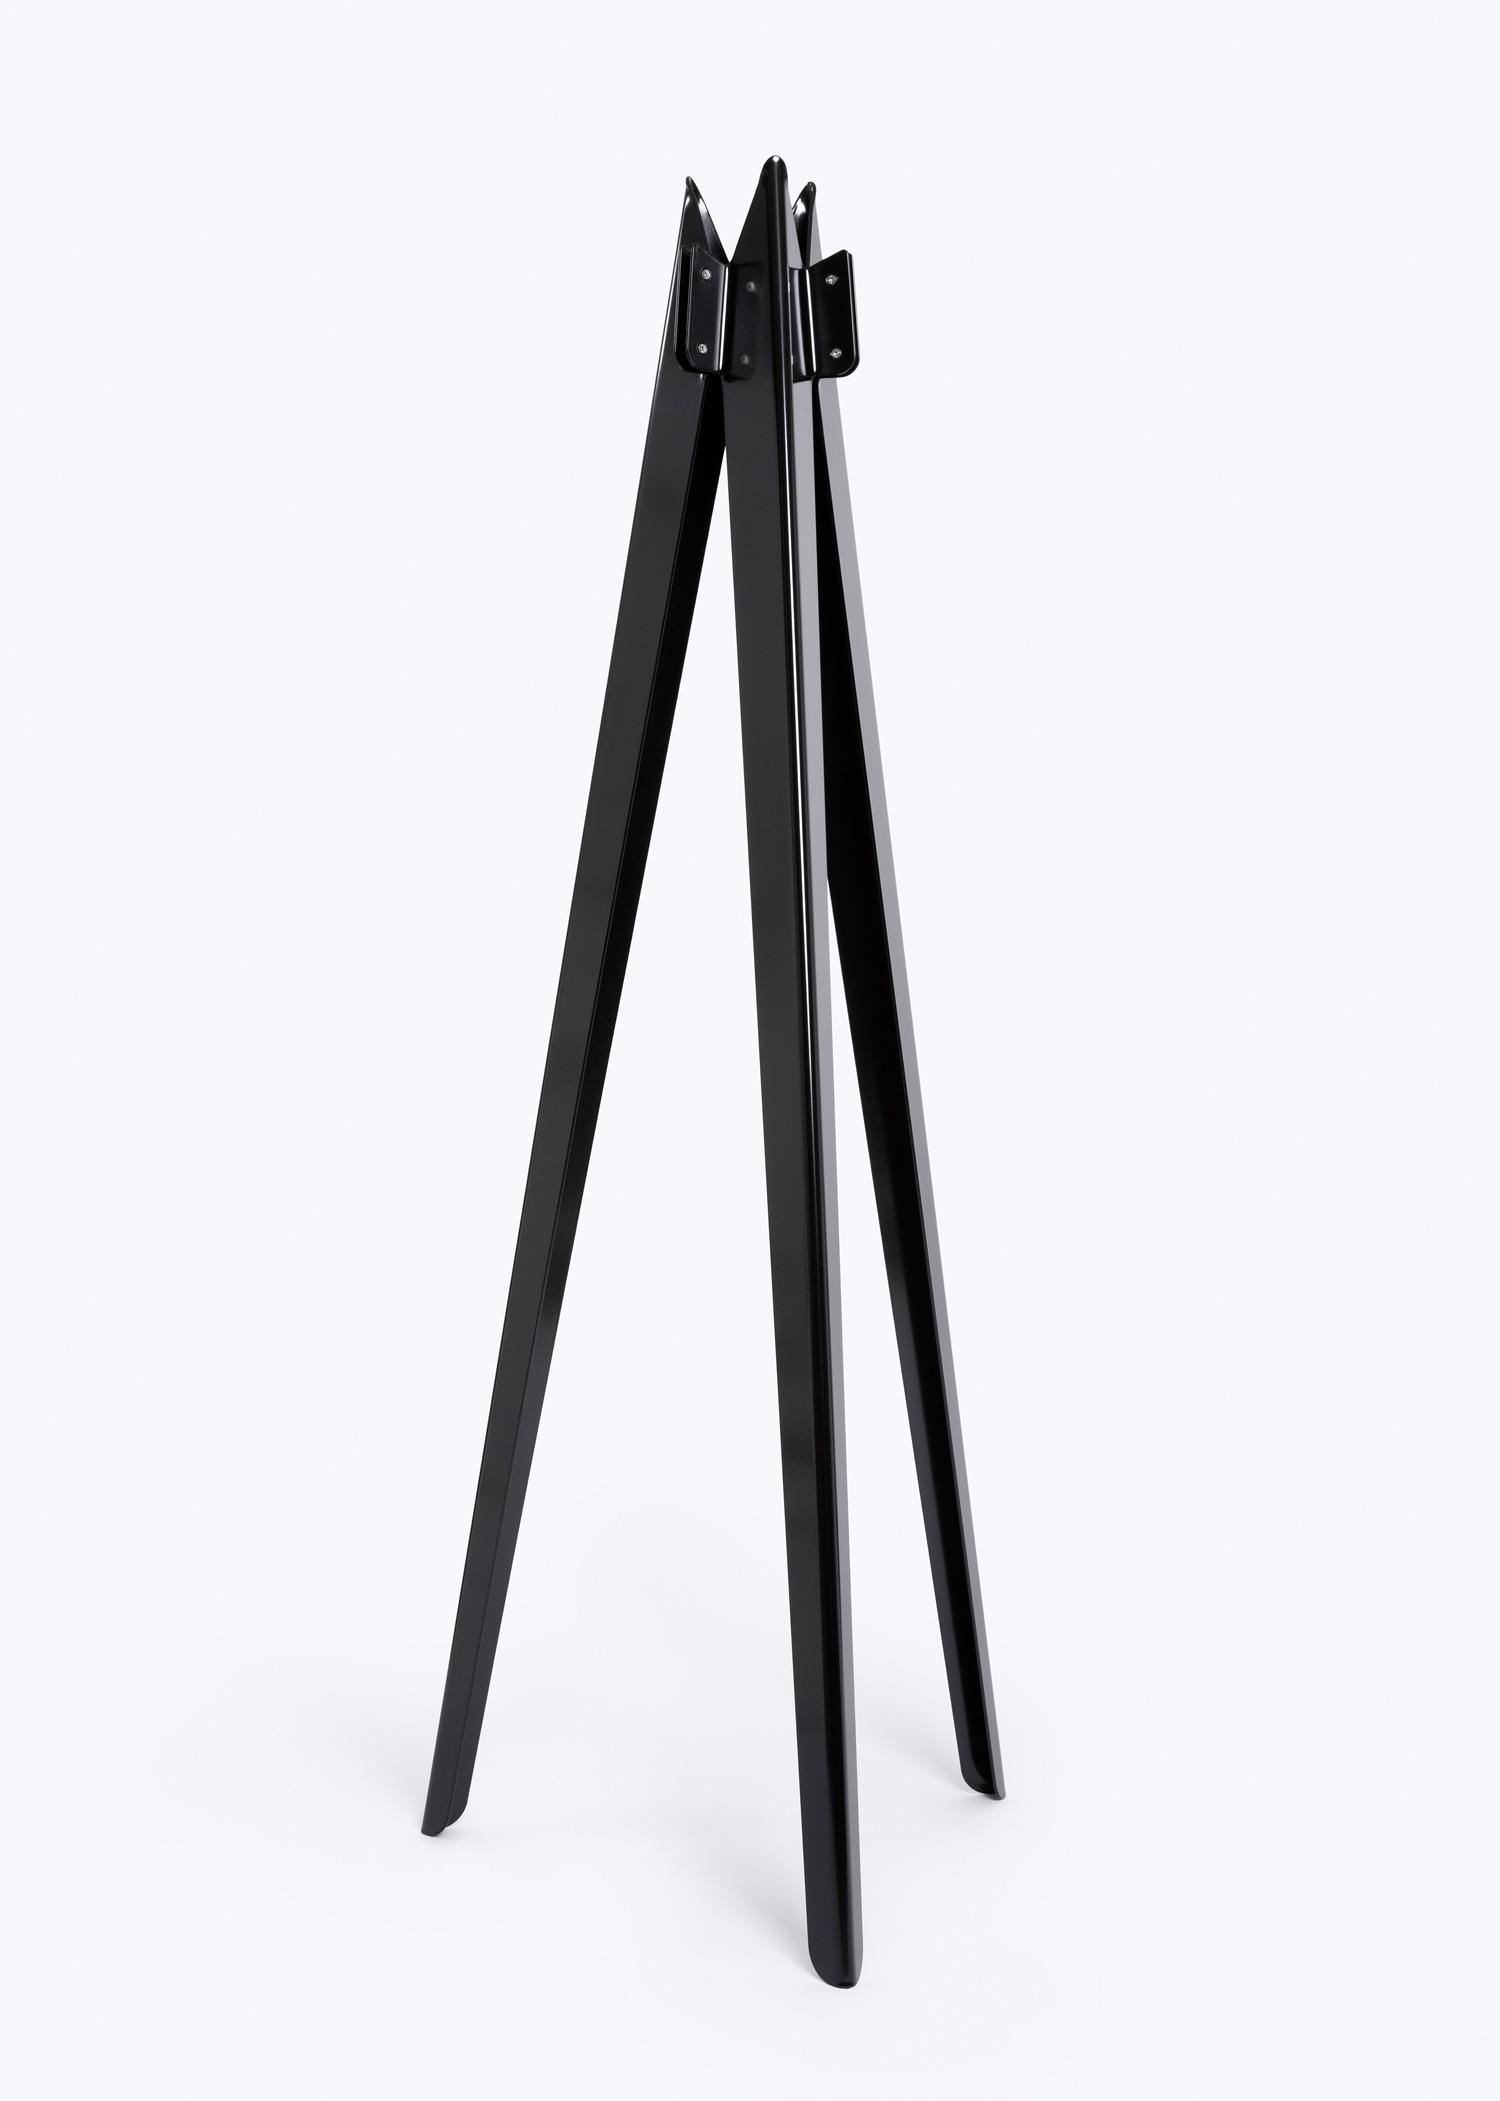 Bas Vellekoop – Tripod – (1) 1500px